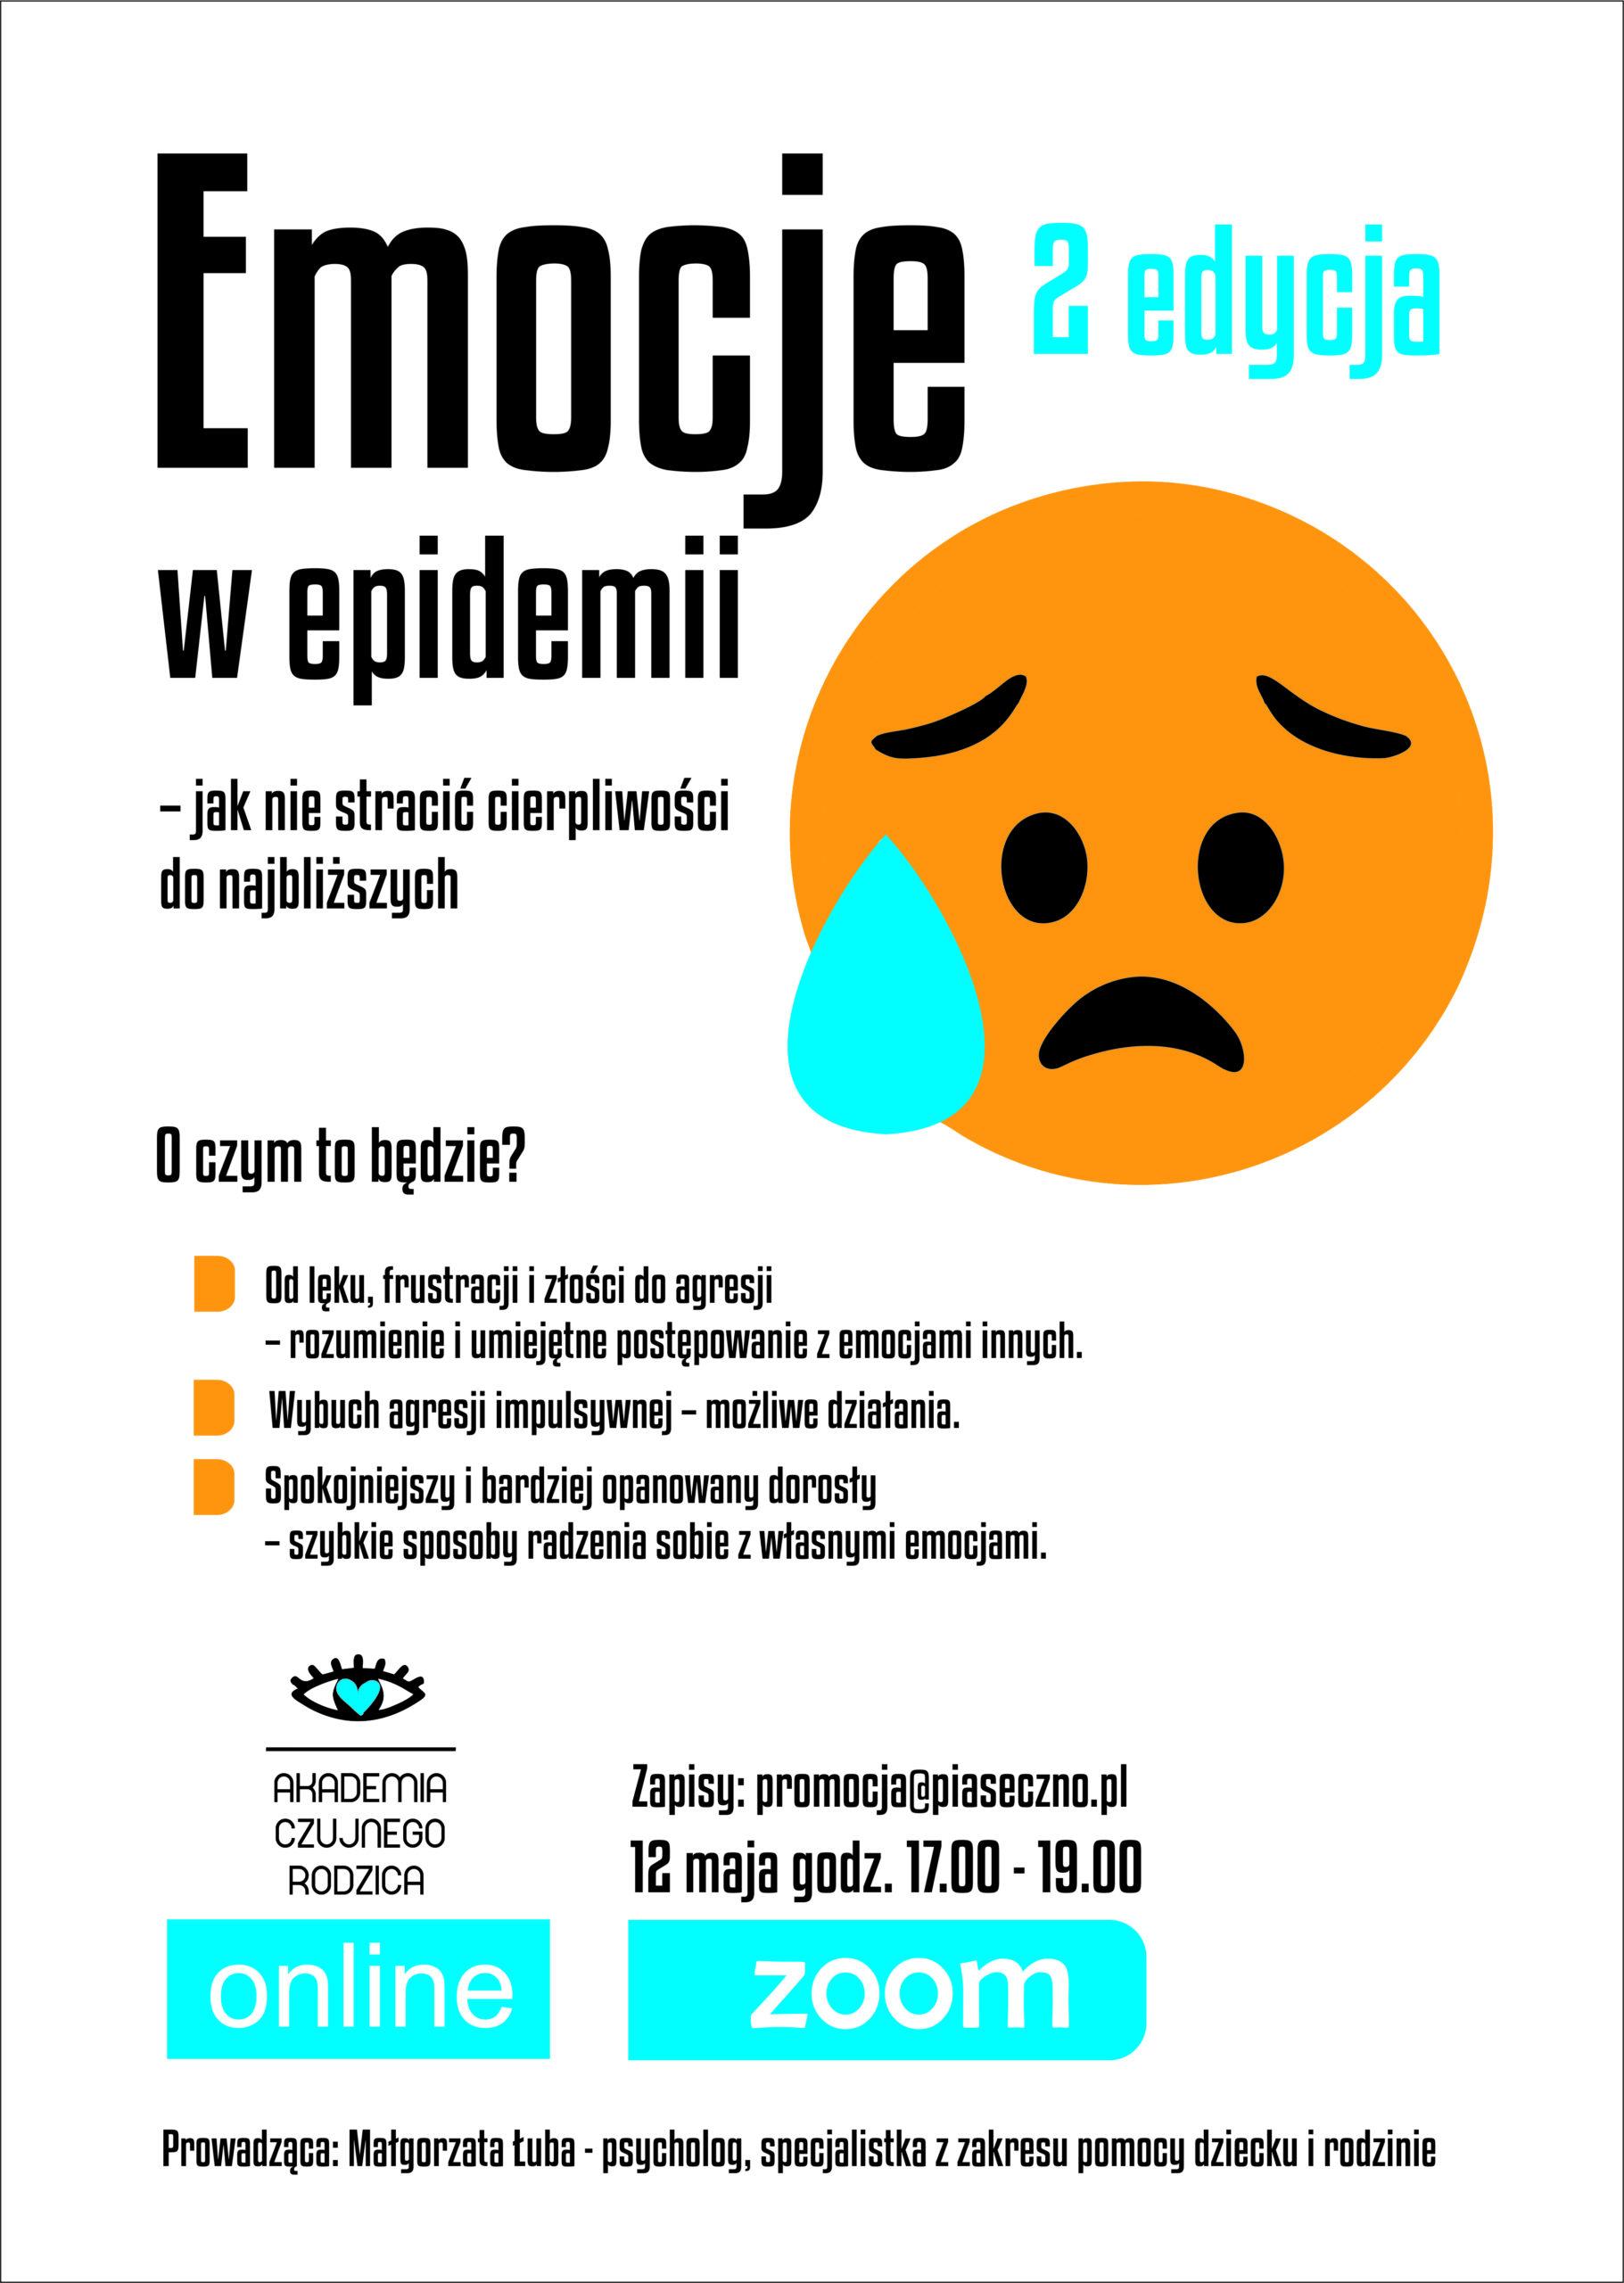 emocje w epidemii plakat 2 edycja